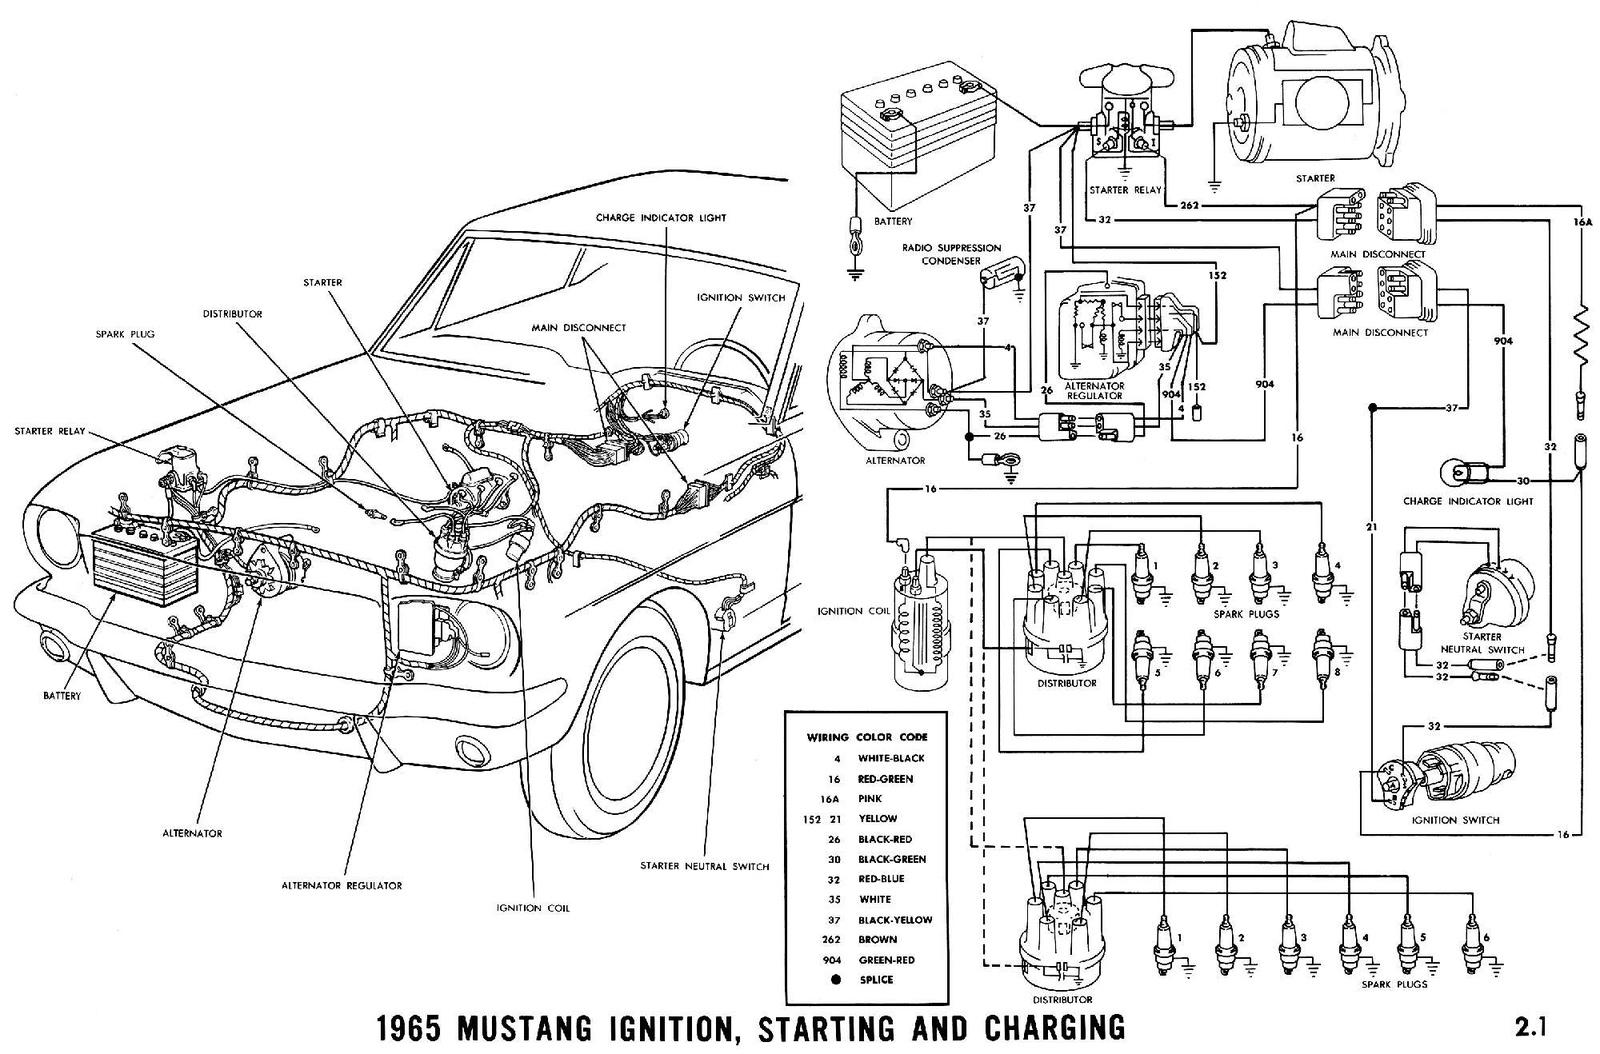 Surprising 65 Mustang Ignition Wiring Diagram Wiring Diagram Tutorial Wiring Cloud Inklaidewilluminateatxorg